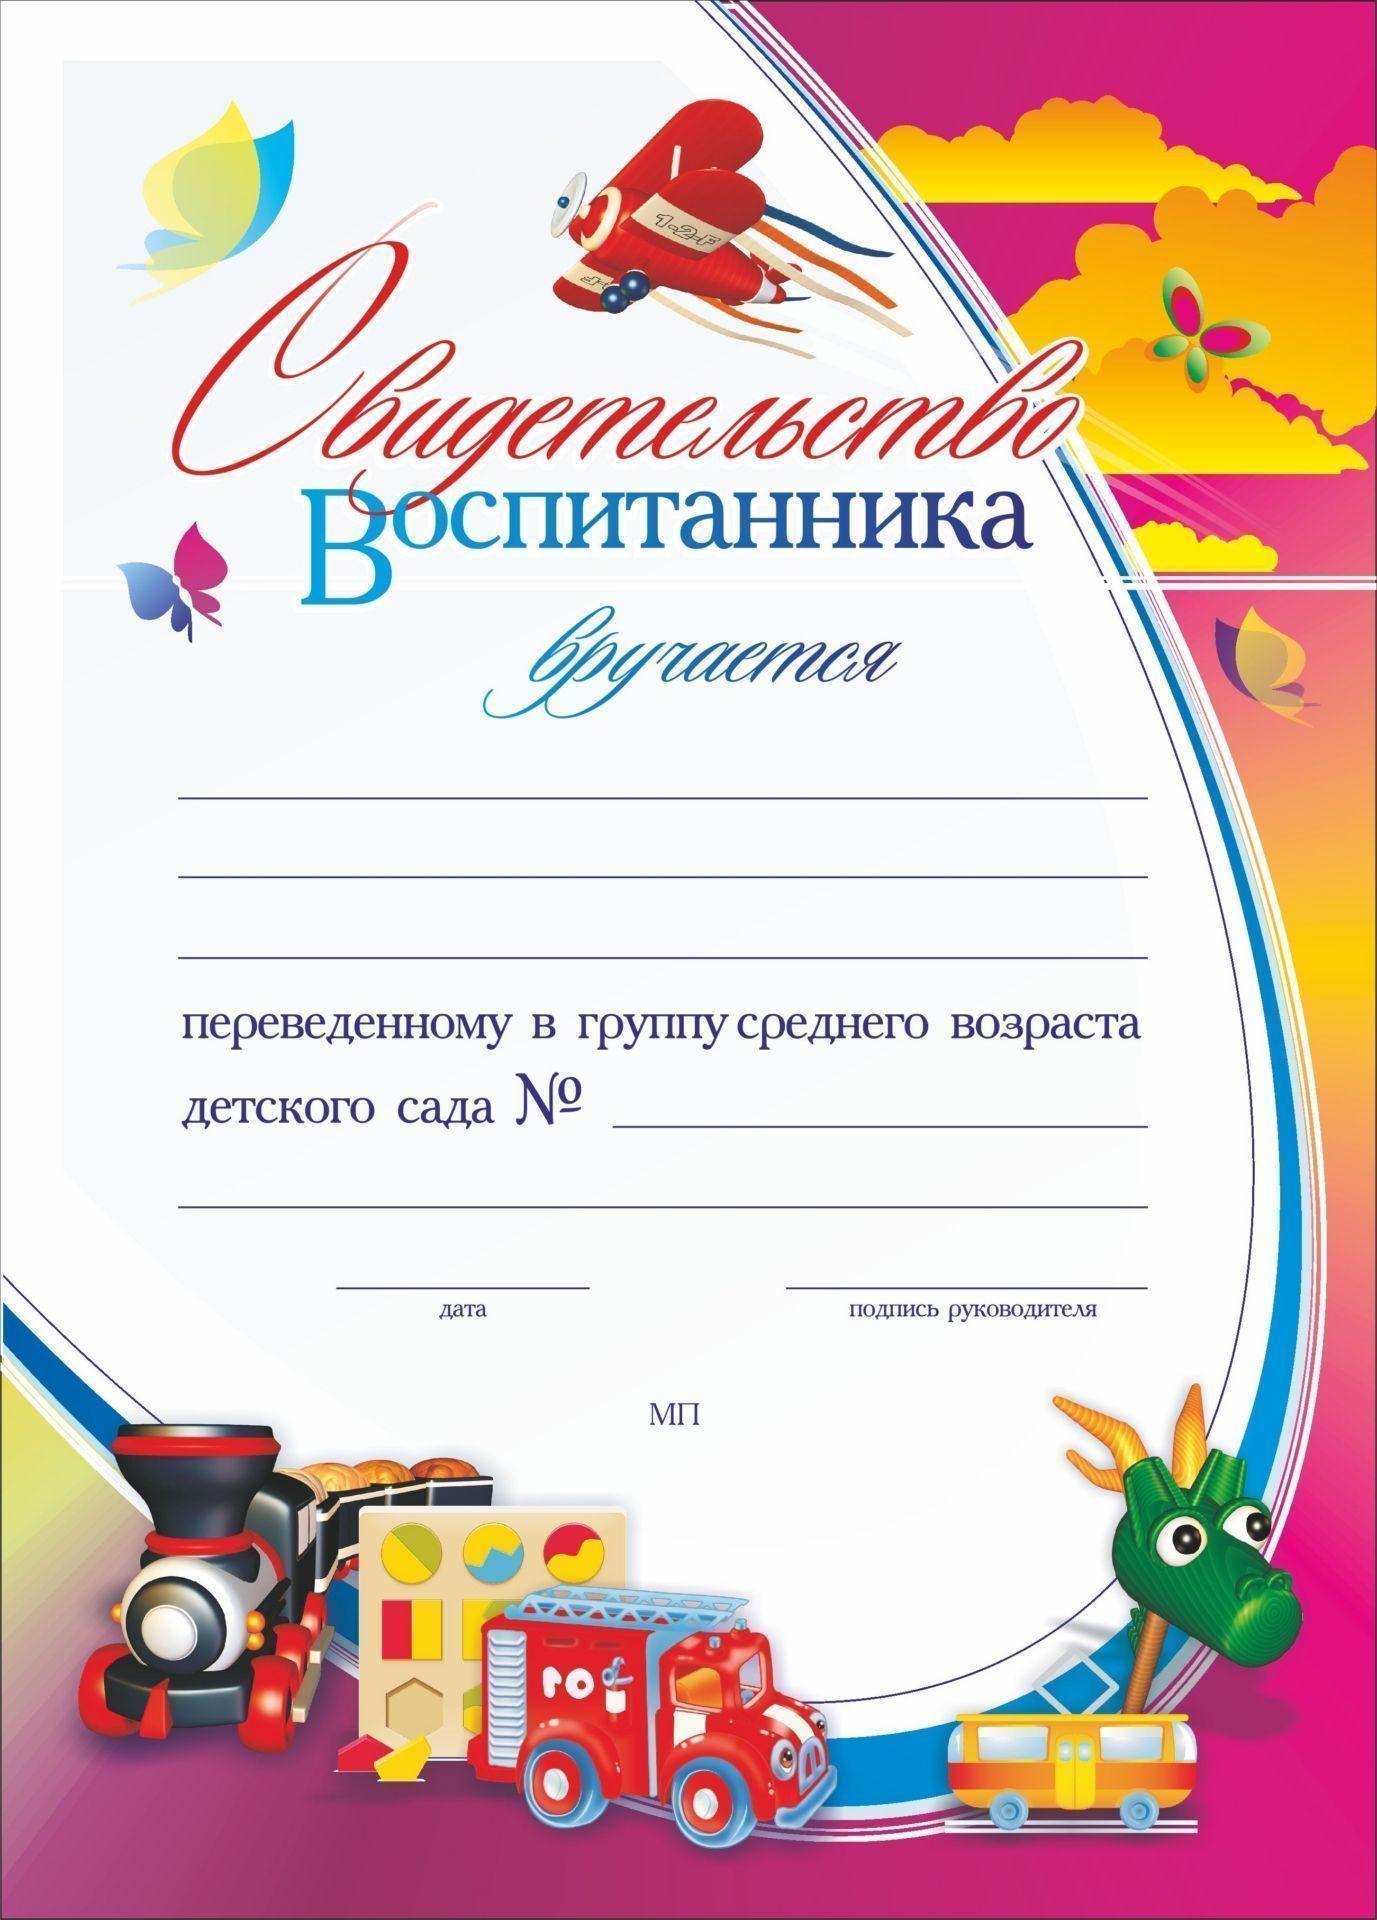 Свидетельство воспитанника, переведённого в группу среднего возраста детского сада: (Формат А4, бумага мелованная матовая, пл.250)